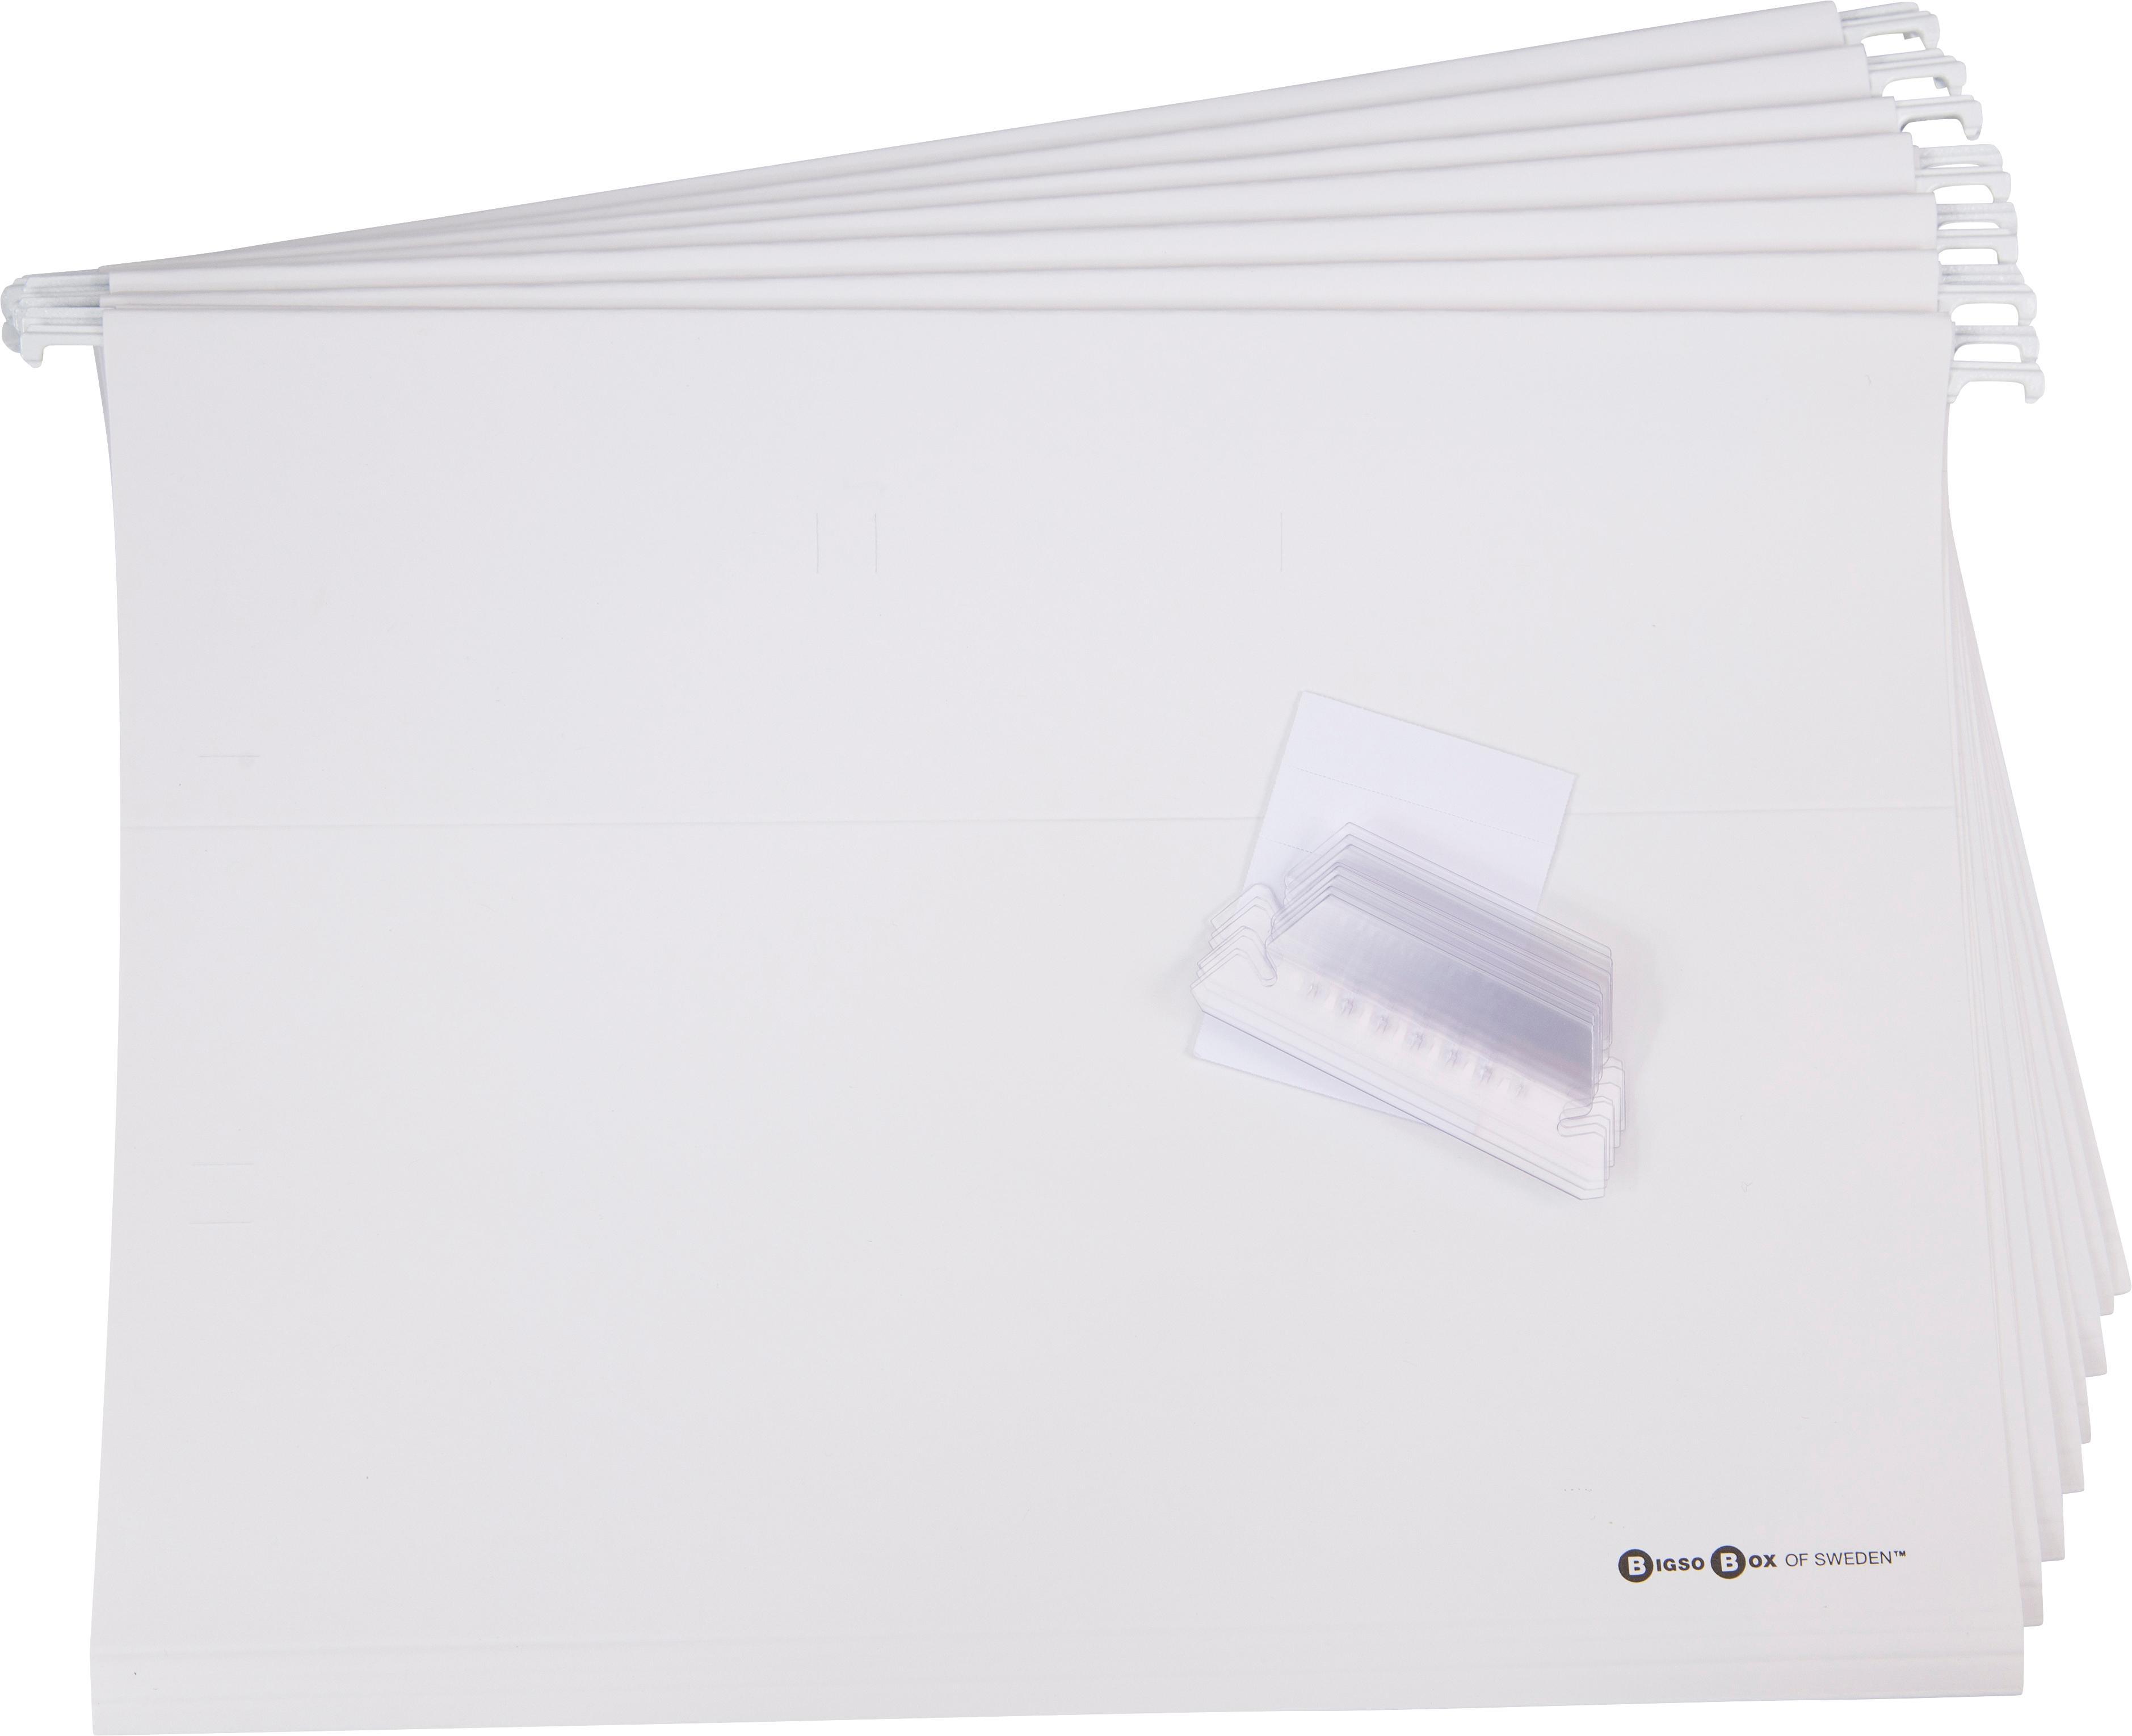 Hängeregister-Box Johan II, 9-tlg., Organizer: Fester Karton, mit Holzde, Griff: Leder, Organizer außen: SchwarzOrganizer innen: SchwarzGriff: Beige, 19 x 27 cm